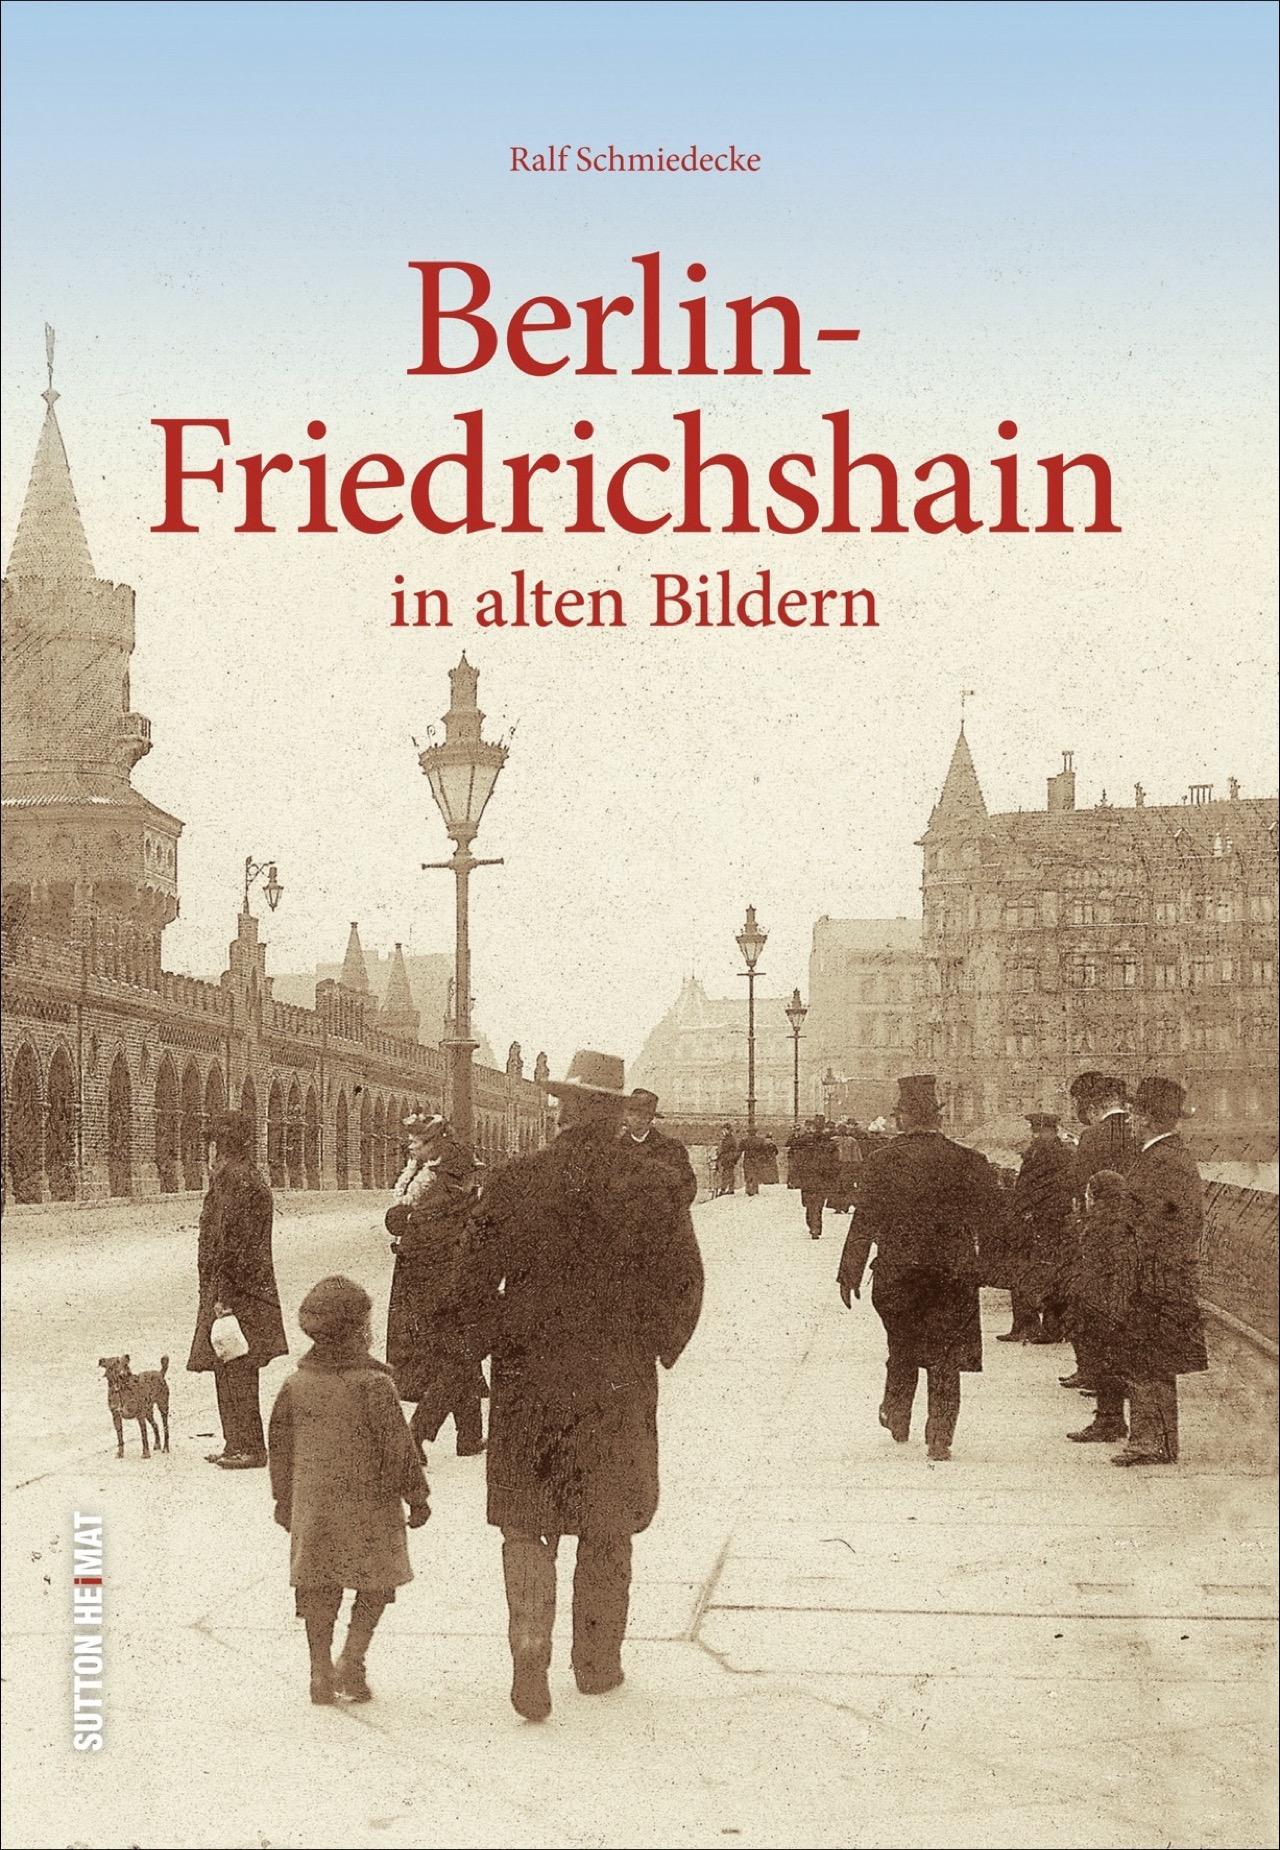 Berlin-Friedrichshain-Ralf-Schmiedecke